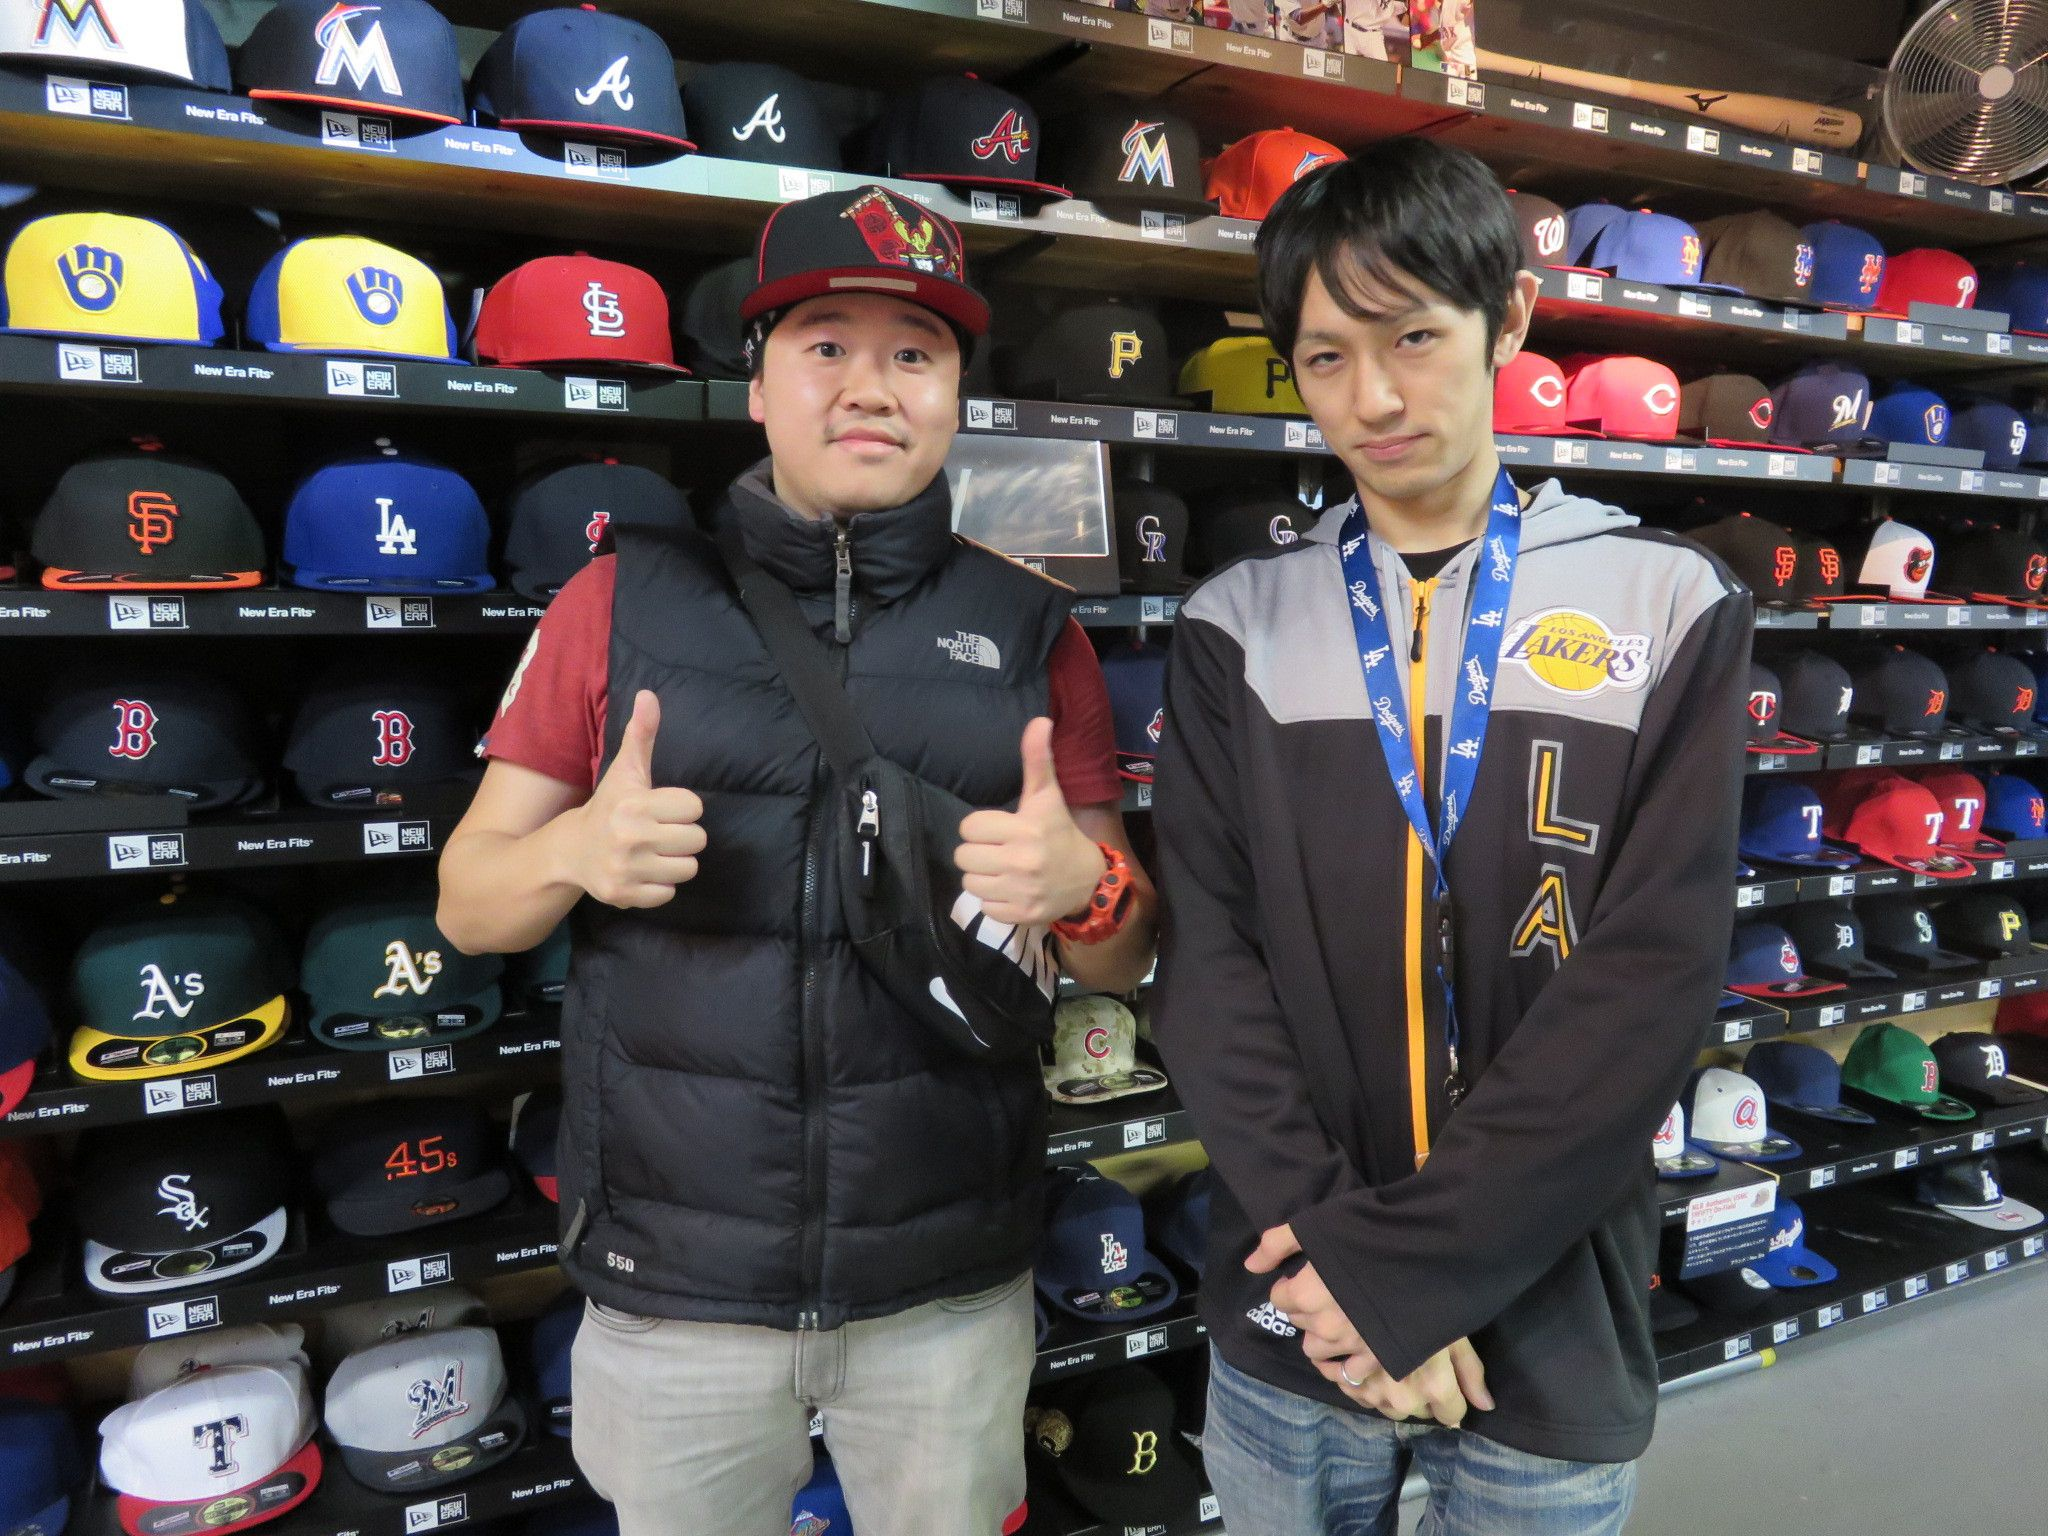 【新宿1号店】2014.11.25 タイからのお客様です。日本のプロ野球について勉強中だそうです。来シーズンも注目の選手が多いので是非注目してみて下さいね!ขอบคุณครับ